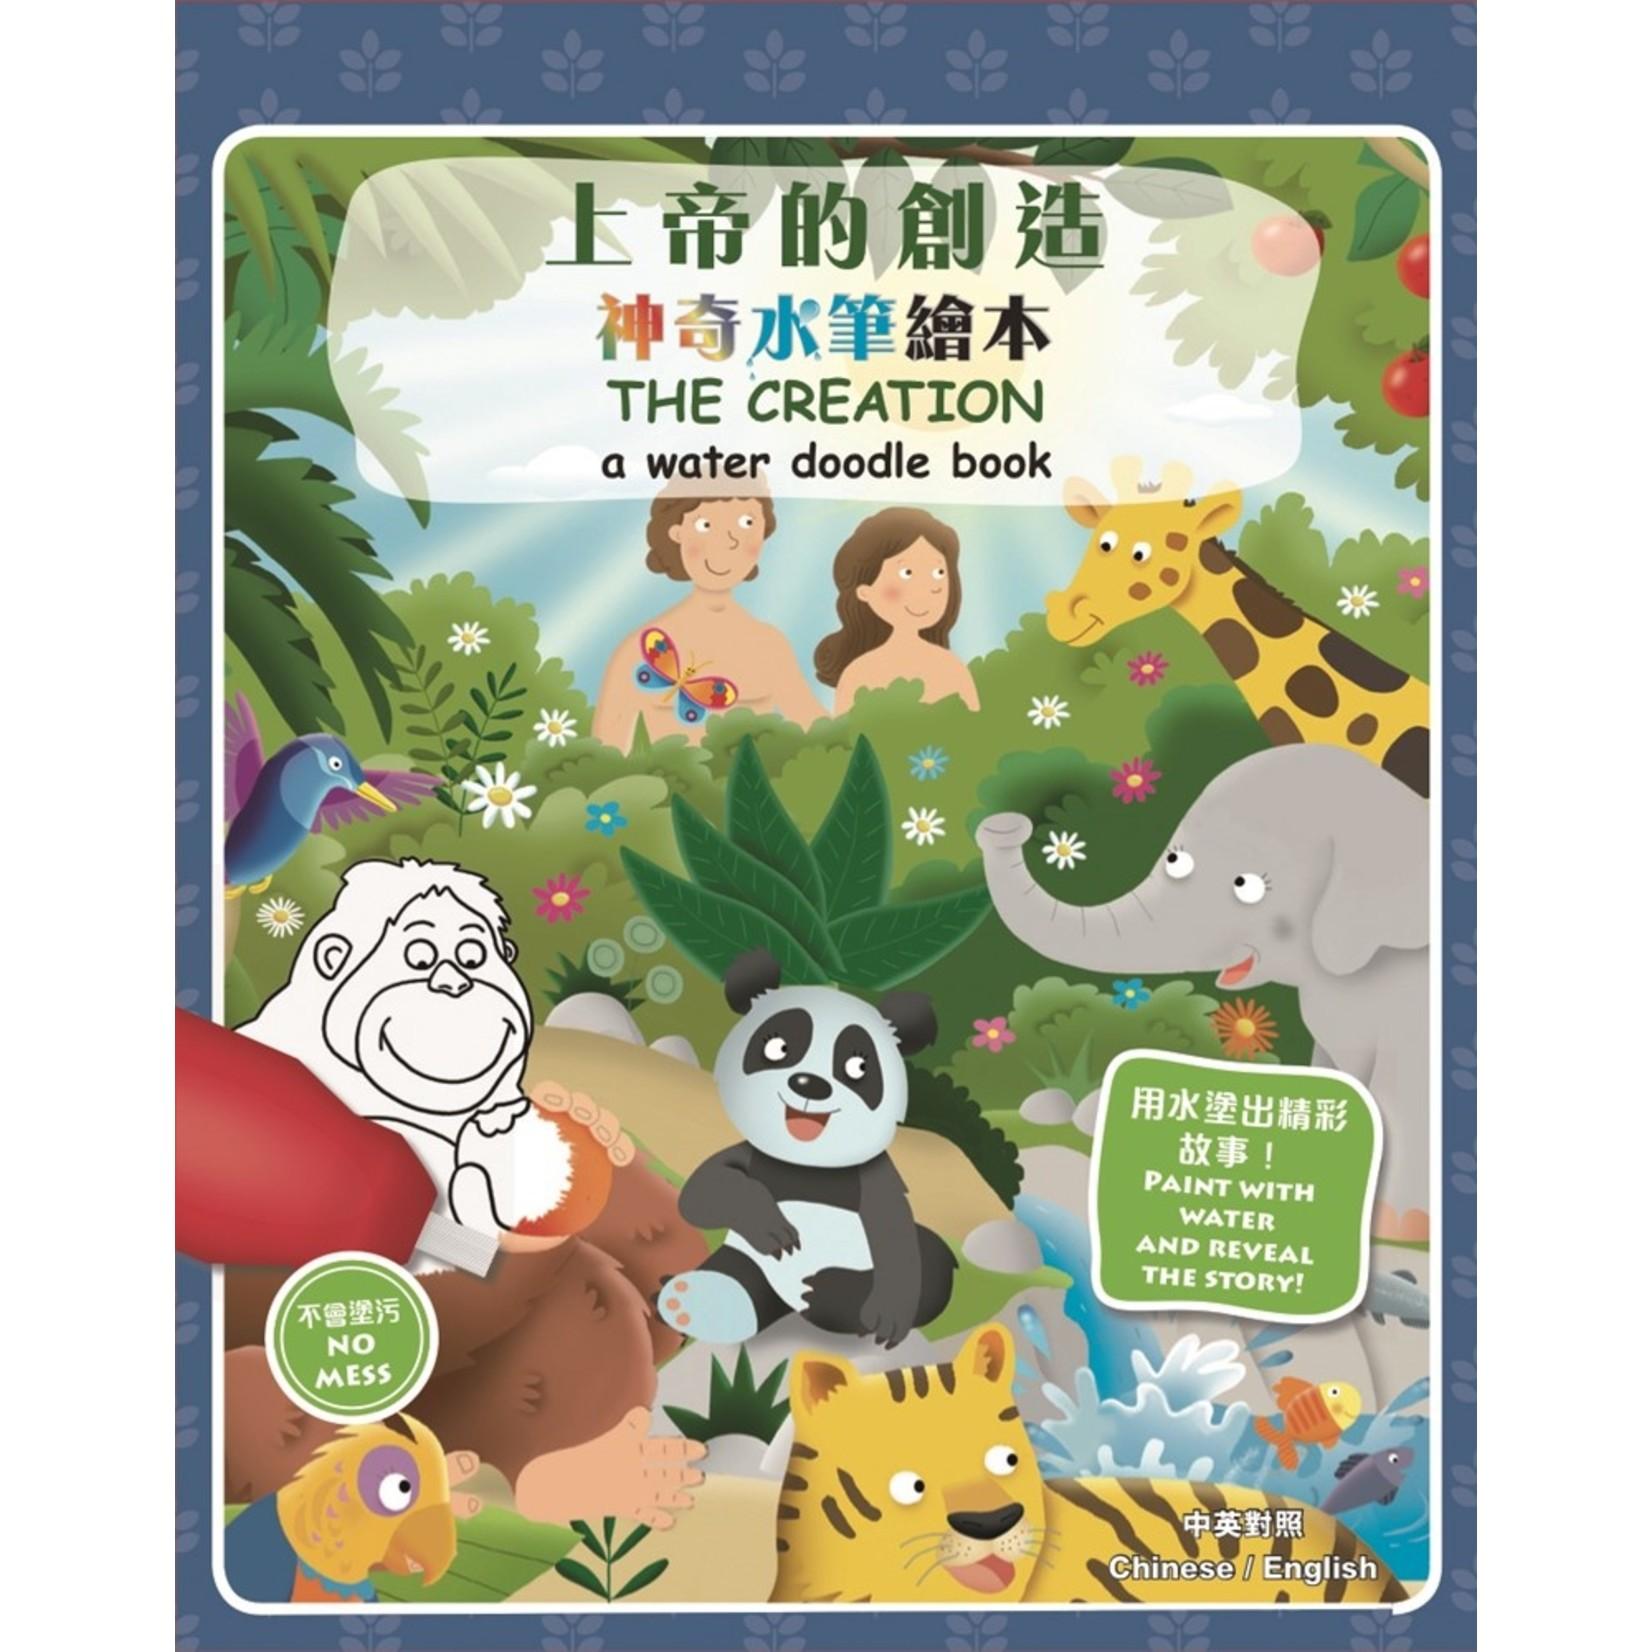 漢語聖經協會 Chinese Bible International 神奇水筆繪本:上帝的創造(中英對照) THE CREATION – A Water Doodle Book